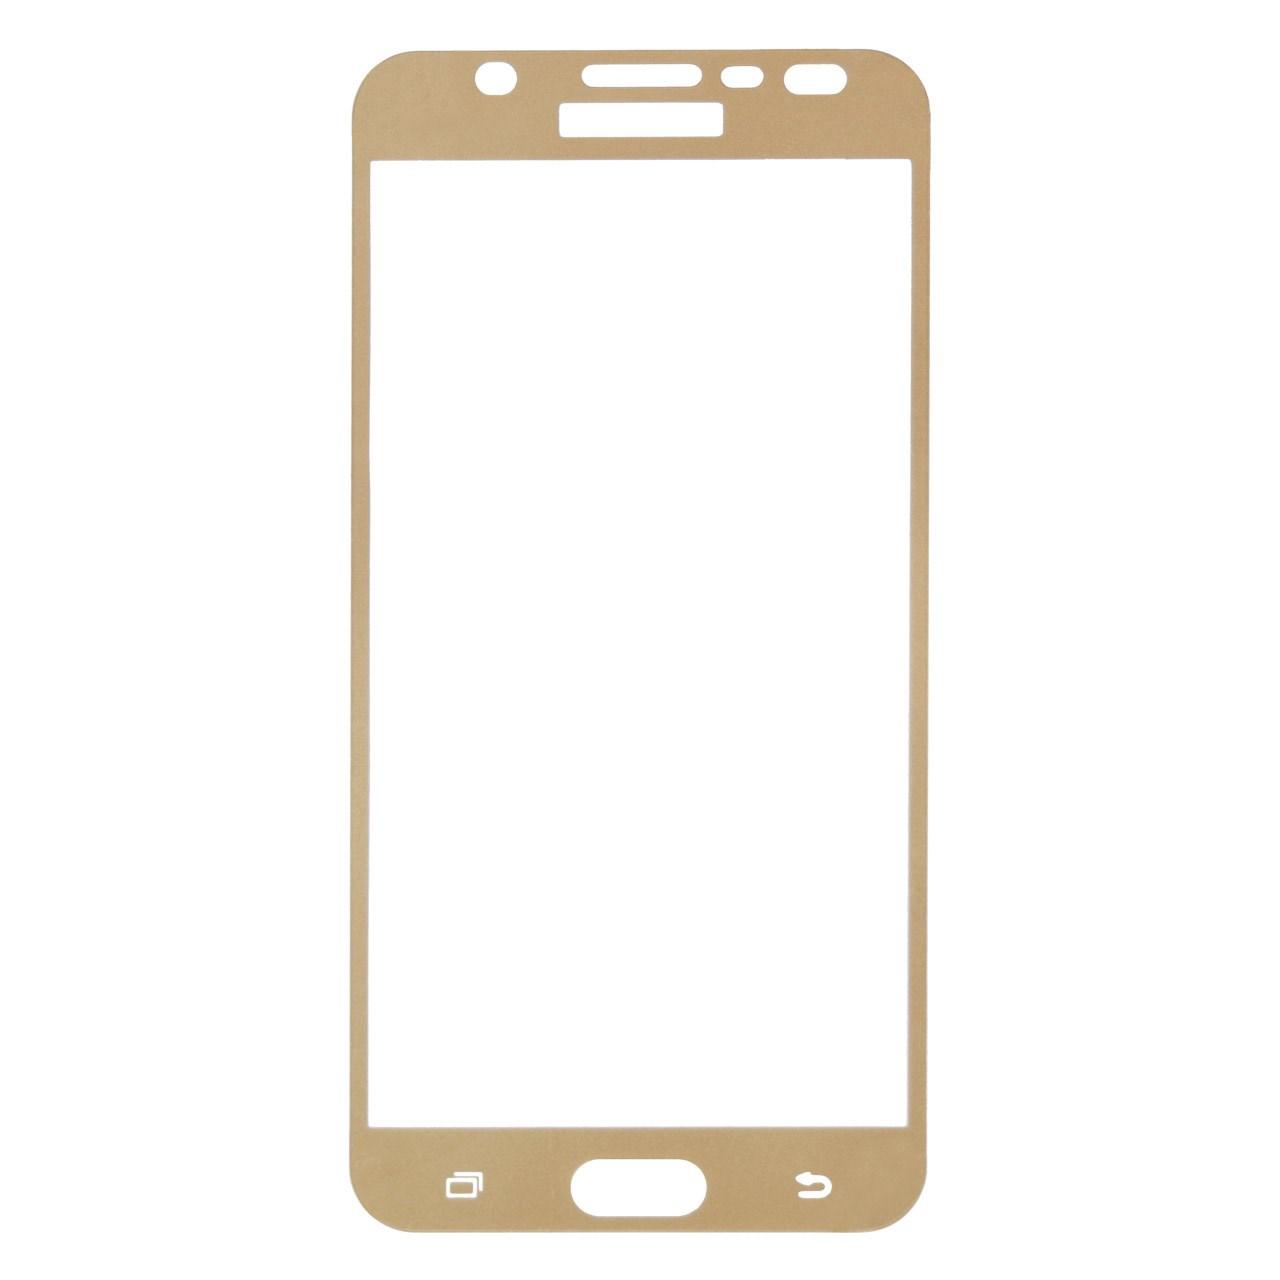 محافظ صفحه نمایش شیشه ای تمپرد مدل Full Cover مناسب برای گوشی موبایل سامسونگ Galaxy J7 Prime              ( قیمت و خرید)